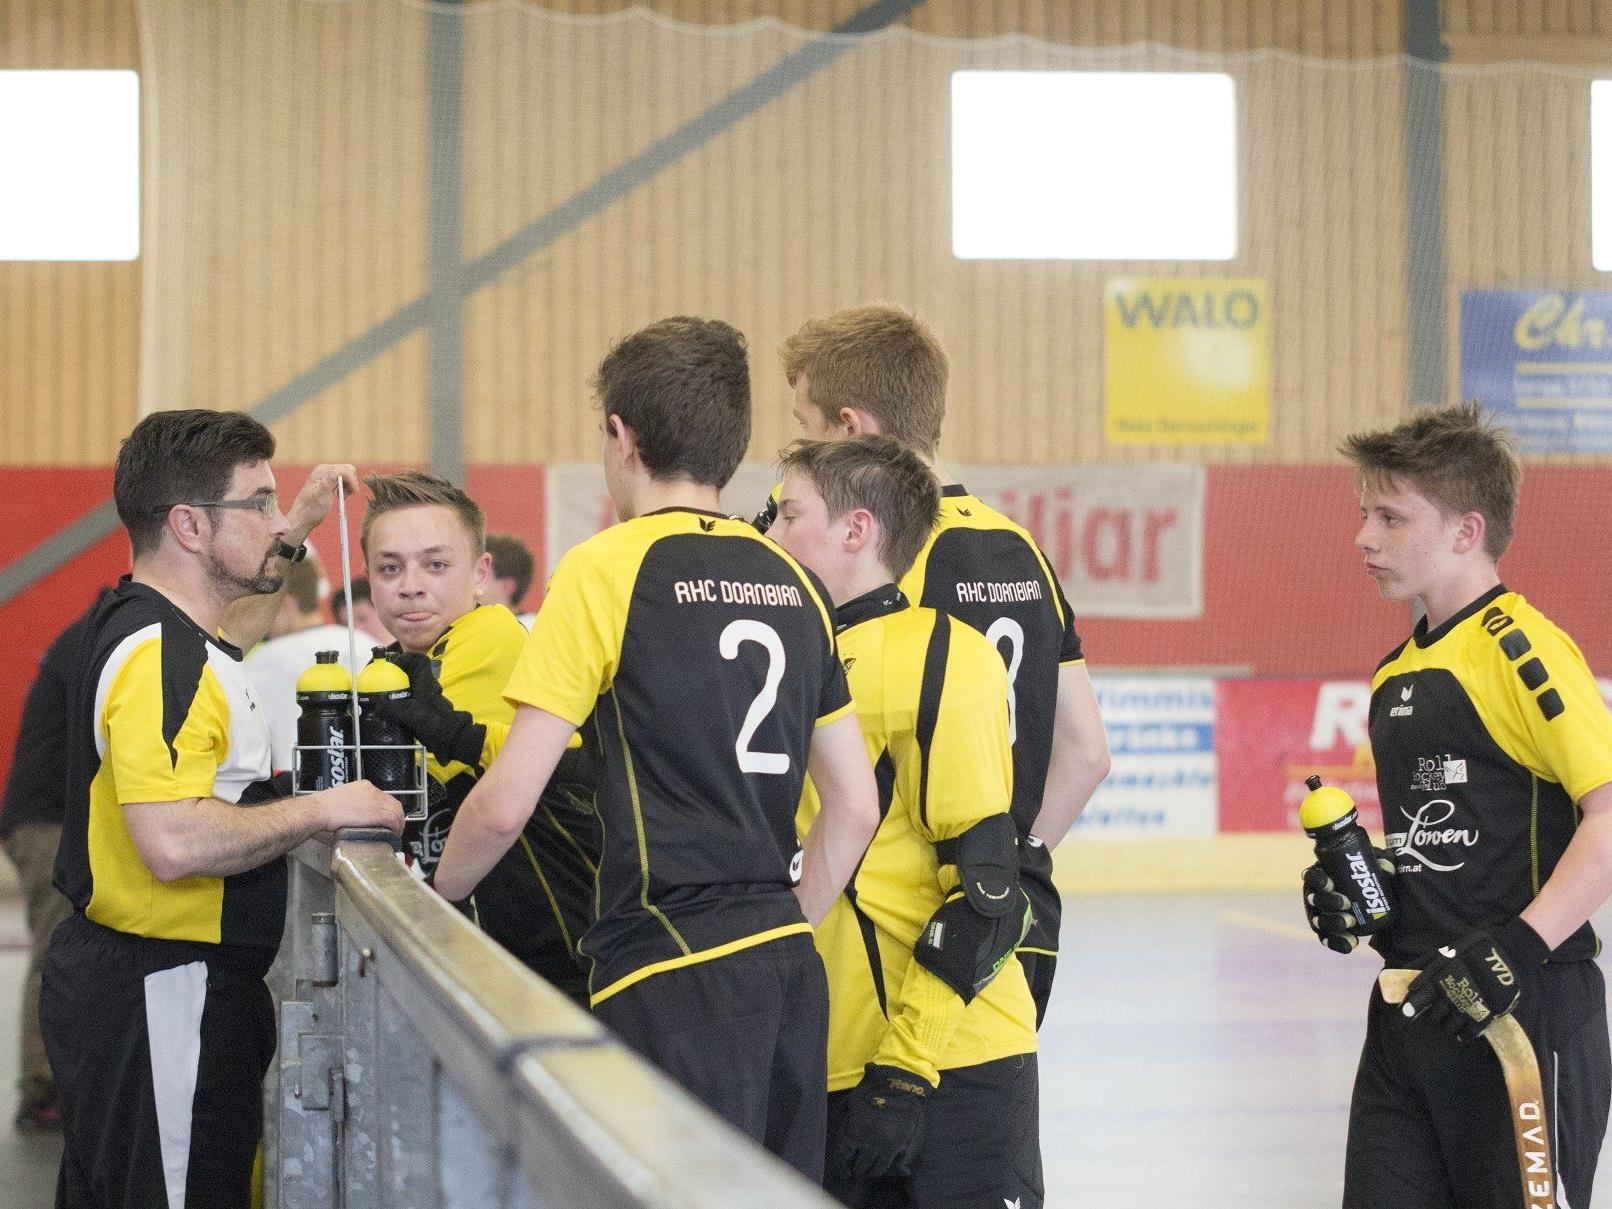 Am kommenden Wochenende findet das große Finale der Schweizer U15 Rollhockeymeisterschaft in der Dornbirner Stadthalle statt.